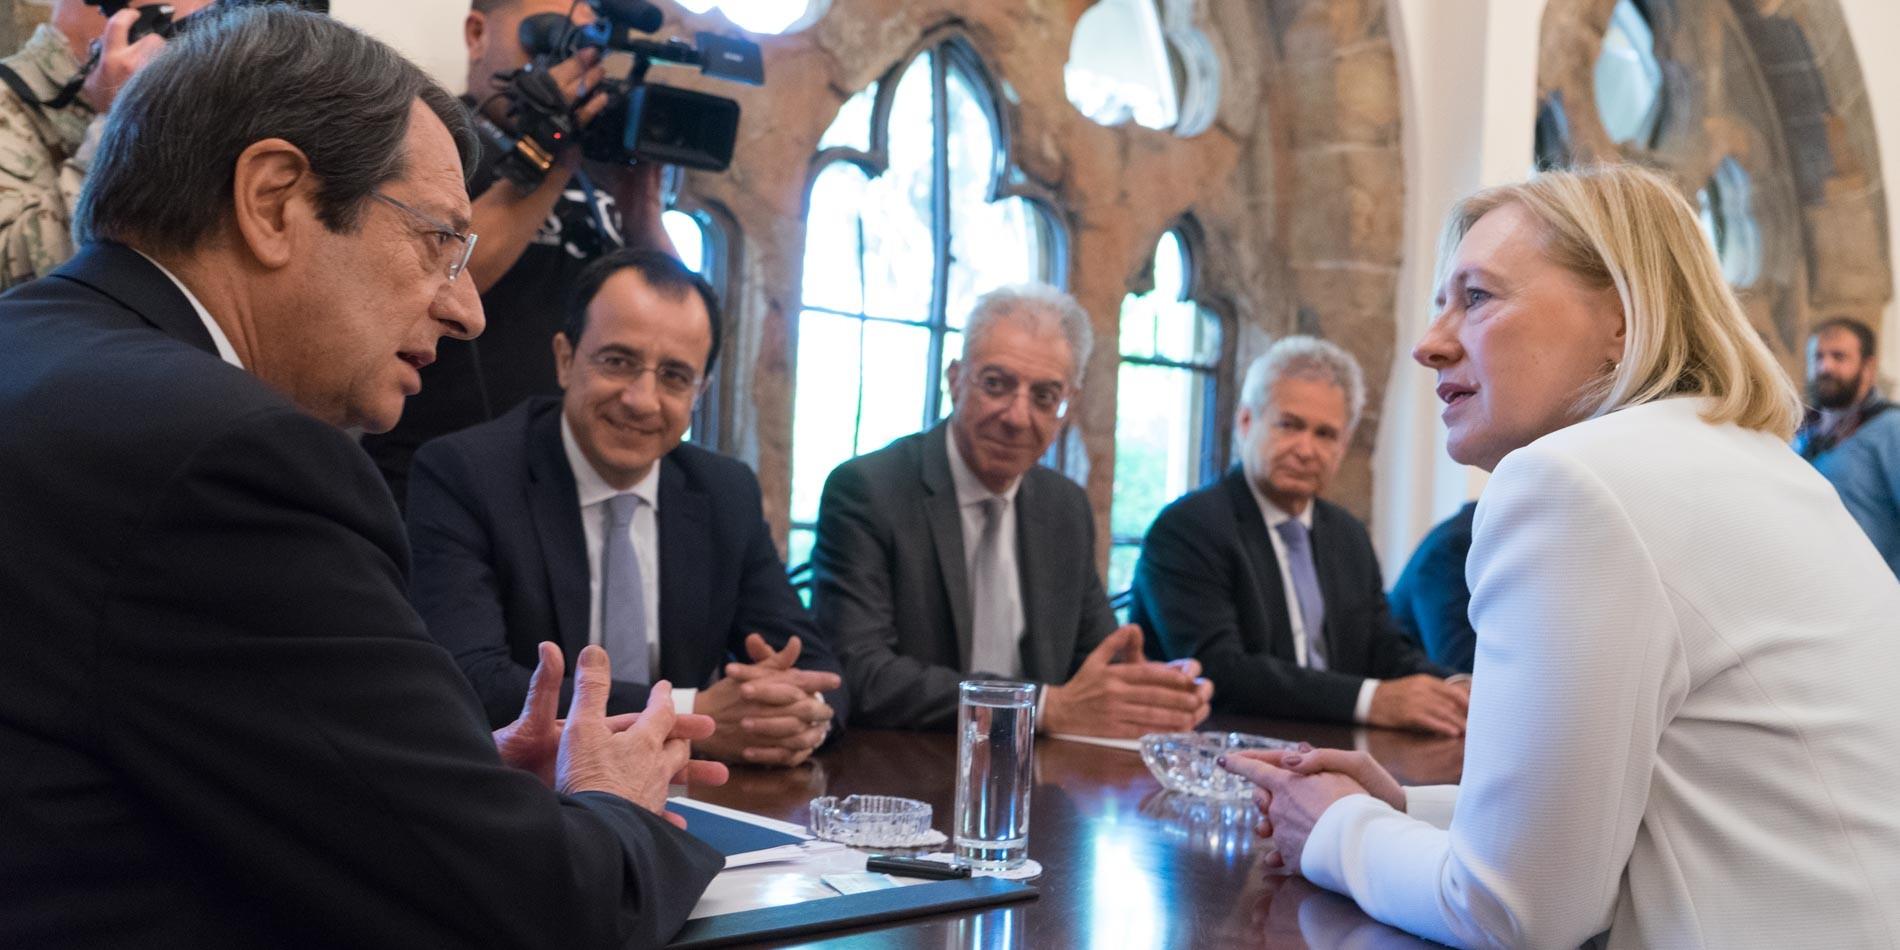 Ο ΠρόεδροςΑναστασιάδης δέχθηκε την Ειδική Αντιπρόσωπο του ΓΓ του ΟΗΕ στην Κύπρο